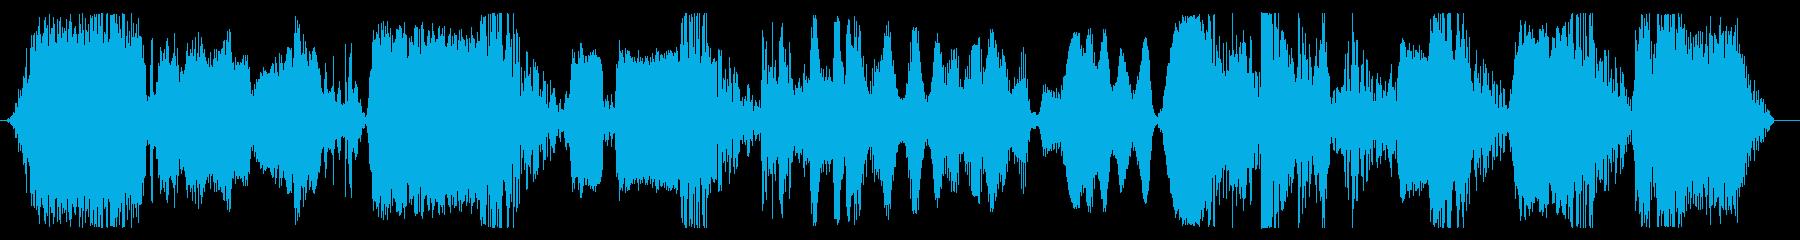 宇宙ロボットの一定の機械的機能応答の再生済みの波形